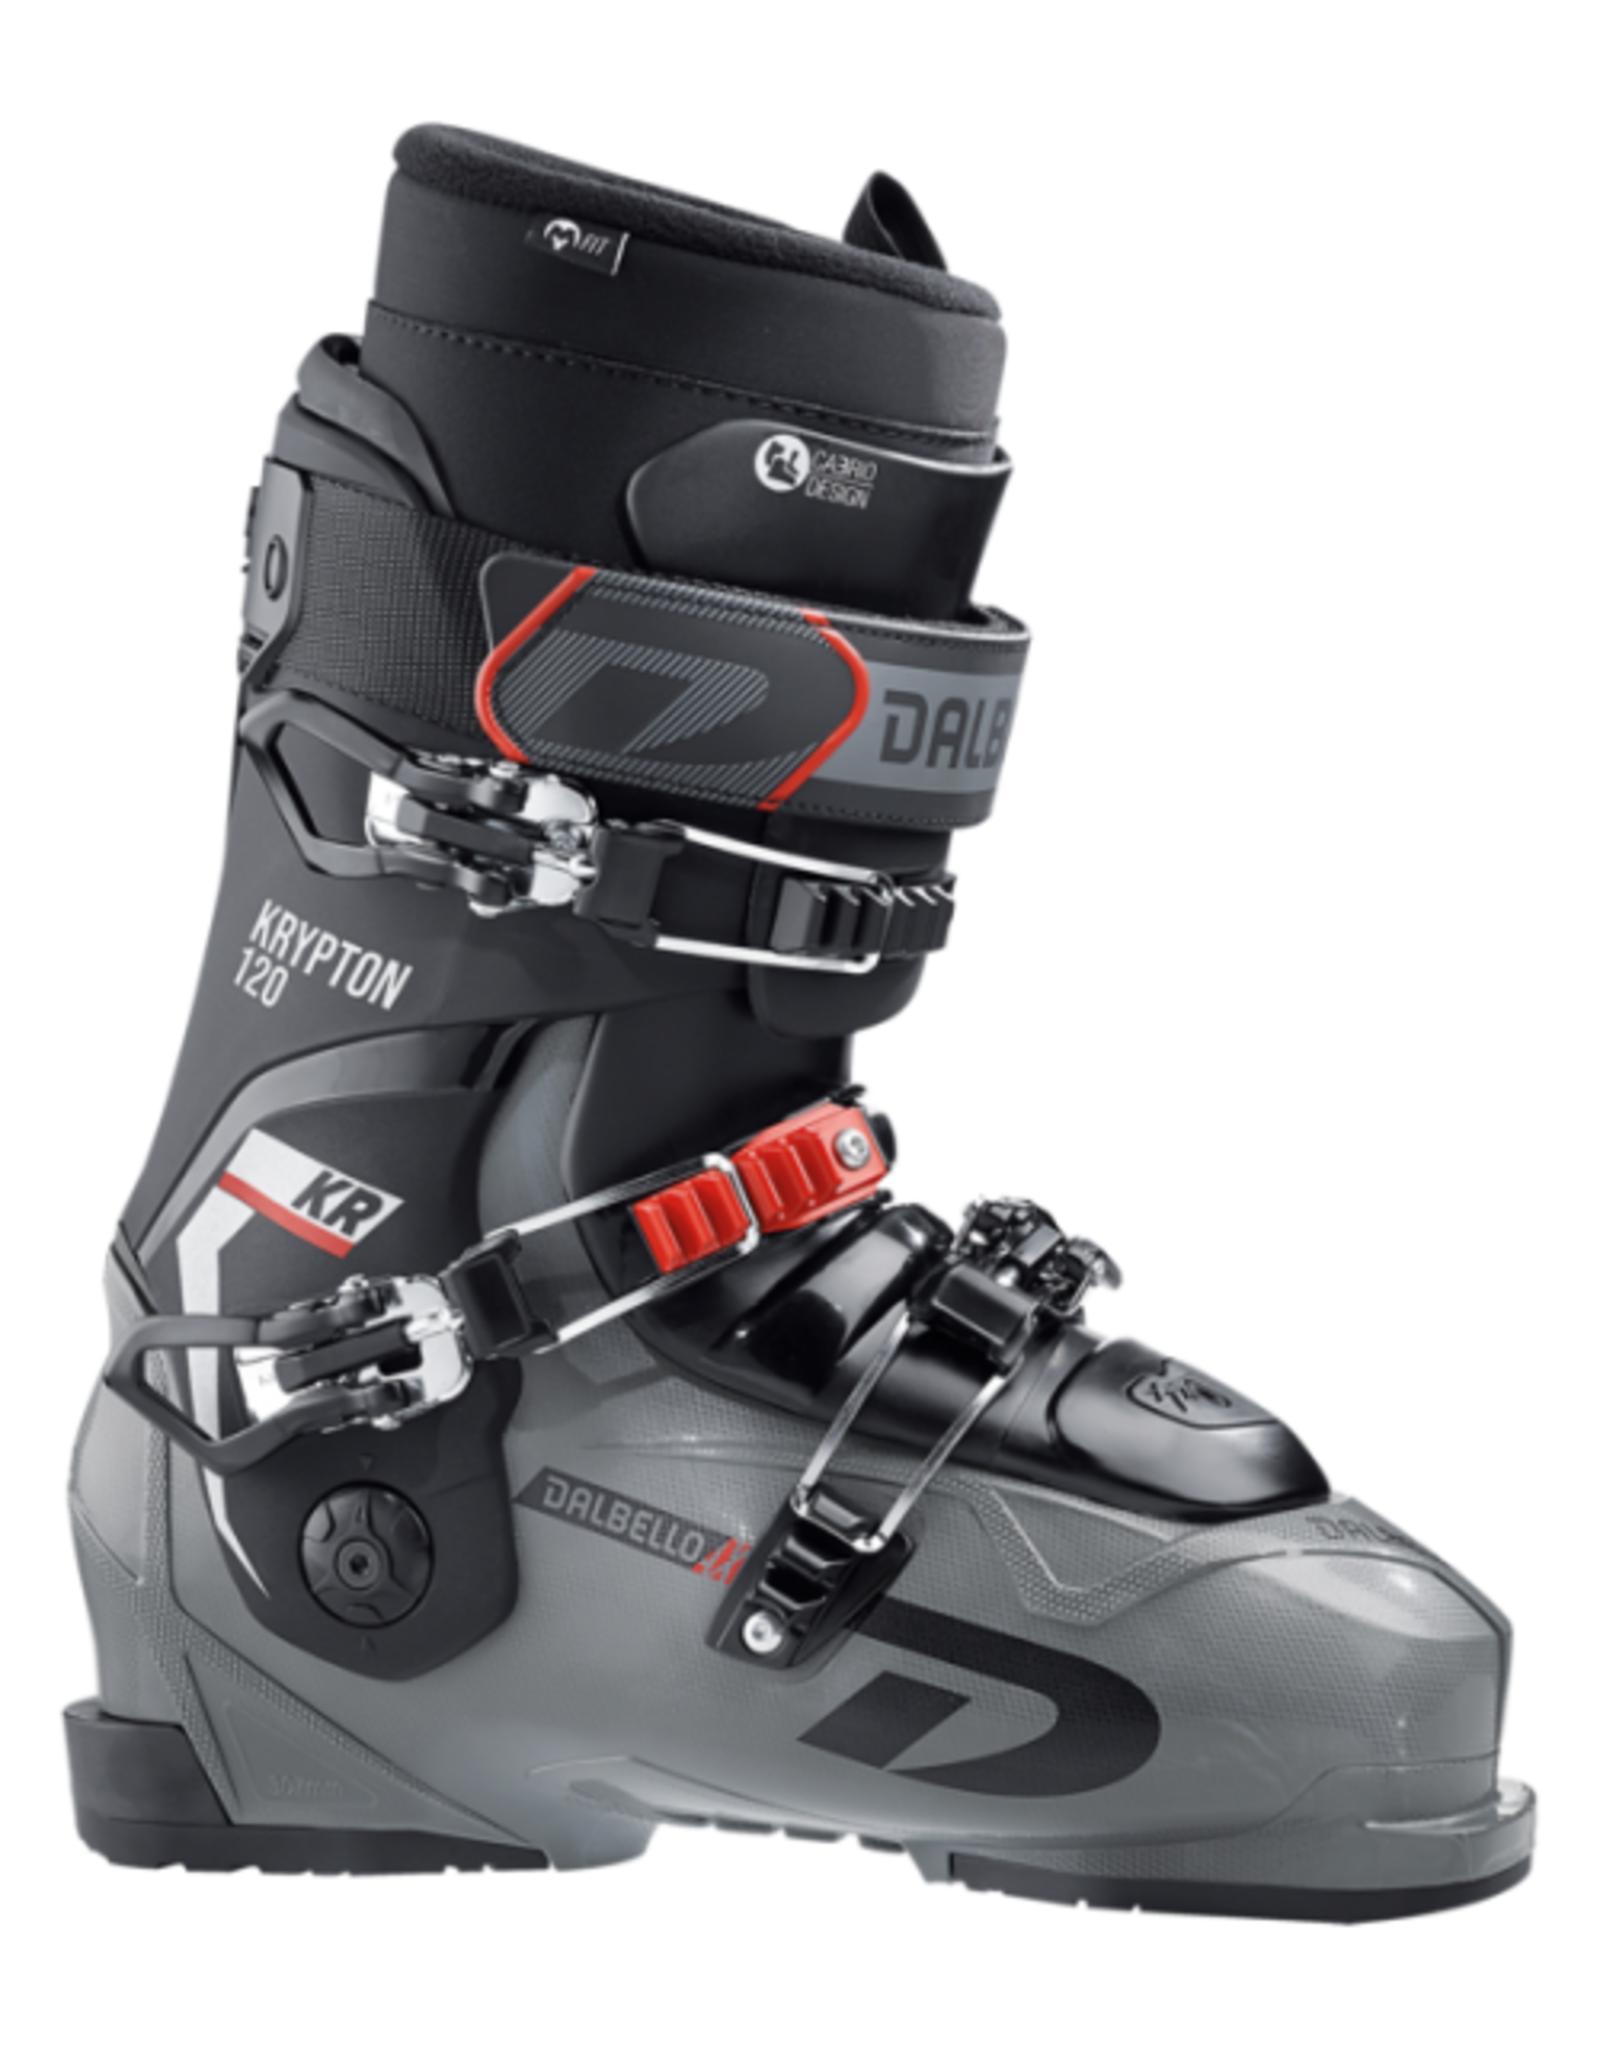 DALBELLO DALBELLO Ski Boots KRYPTON AX 120 ID (20/21)